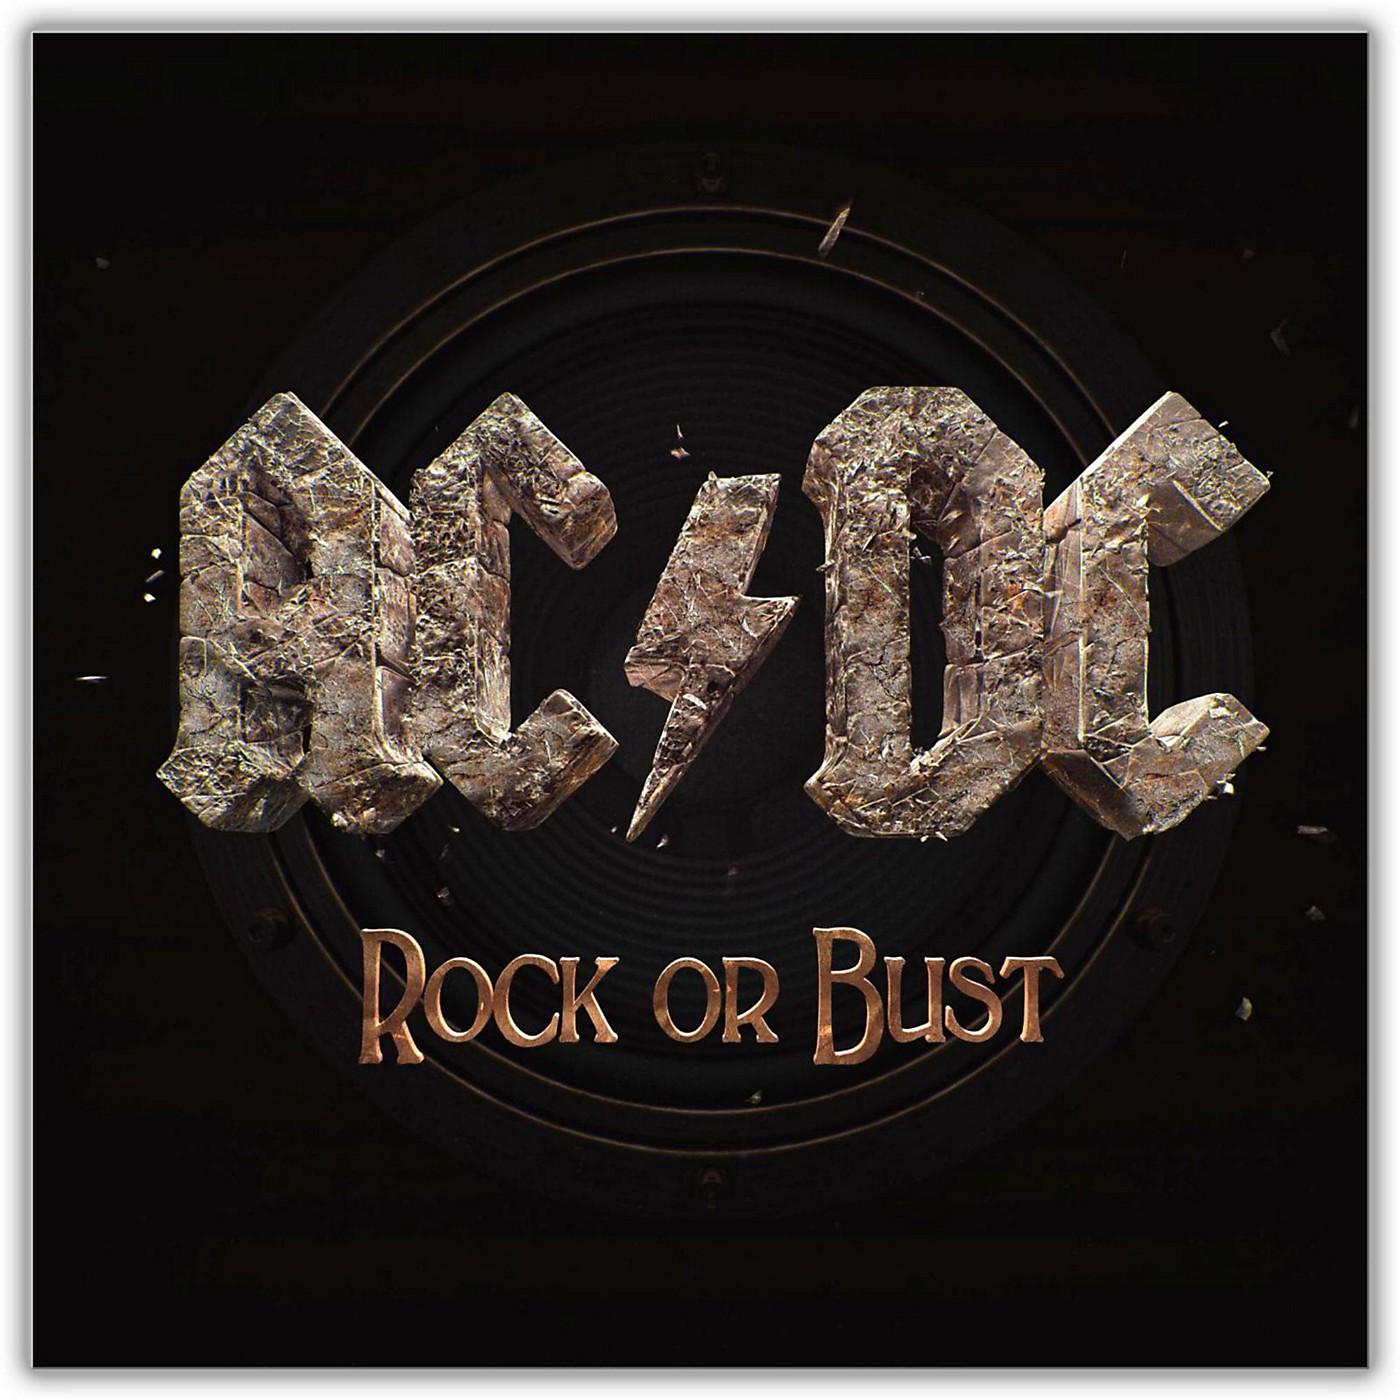 Sony AC/DC - Rock or Bust Vinyl LP thumbnail